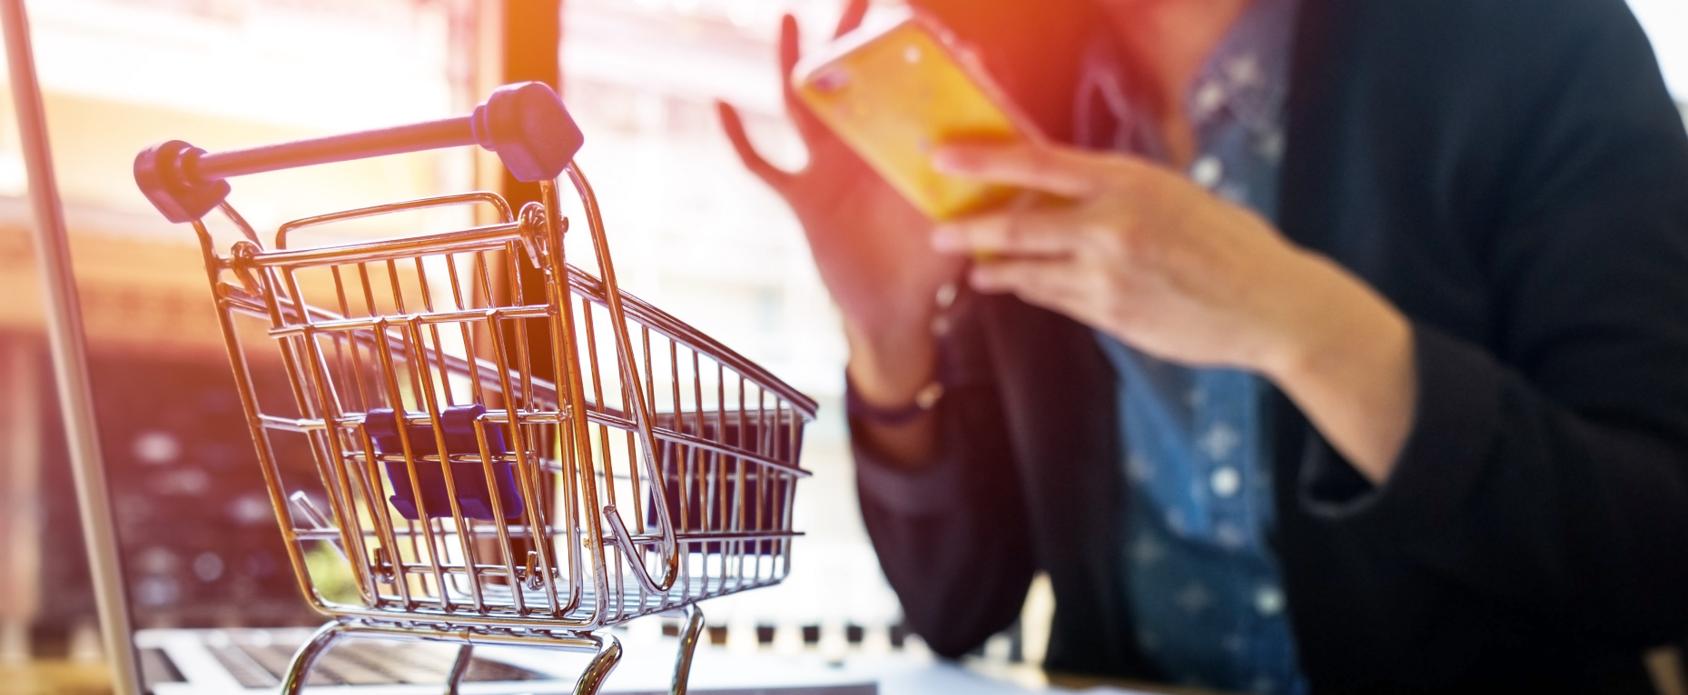 WoowUp - Consumidor actual: cómo compran los que compran